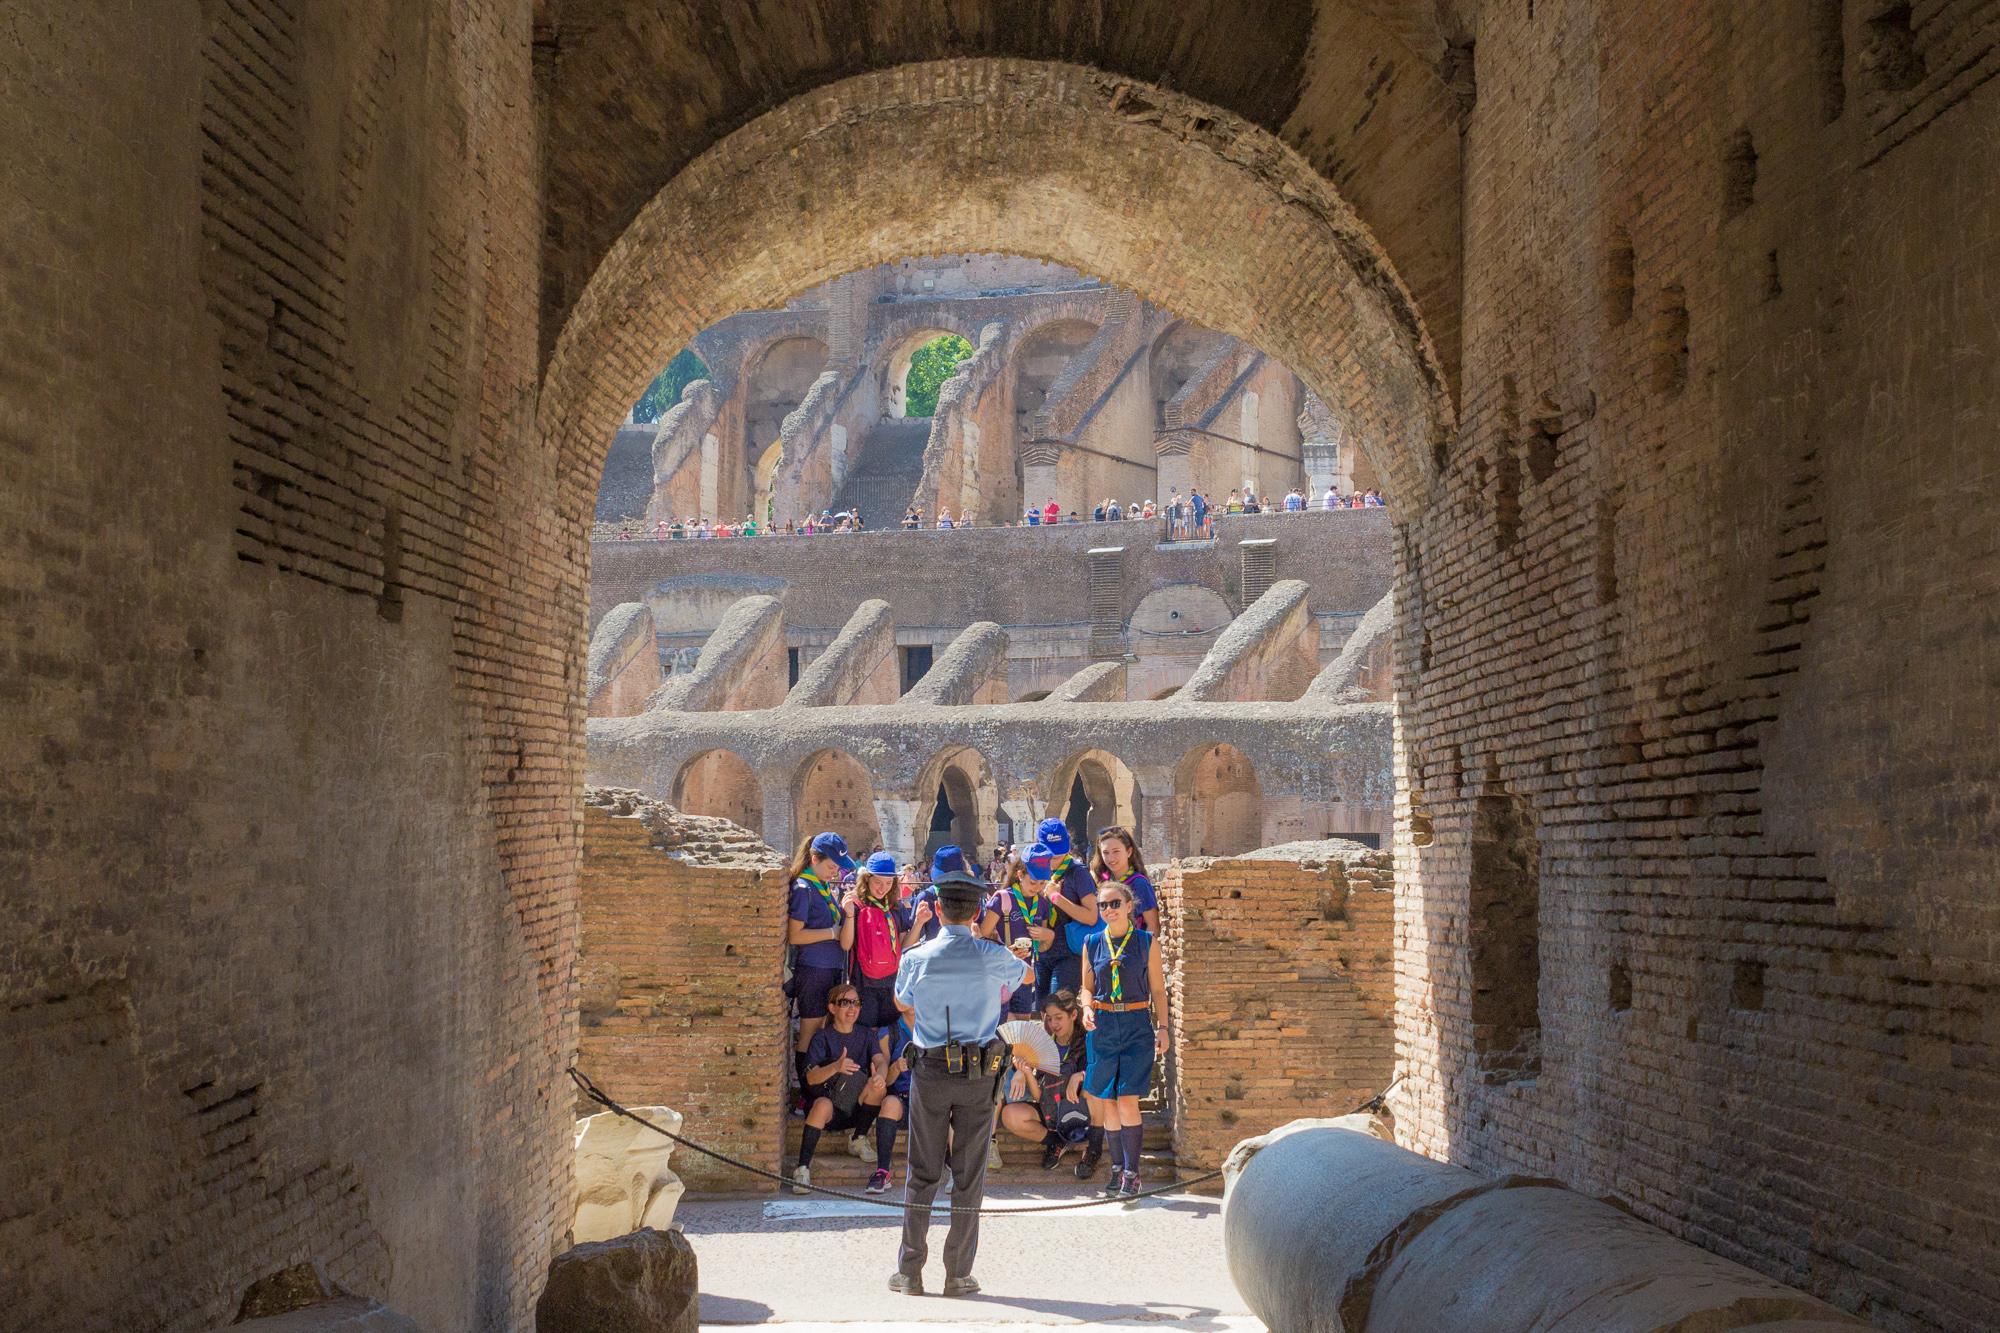 Groupe de scouts prises en photo par un agent de sécurité, Colisée, Rome, Italie